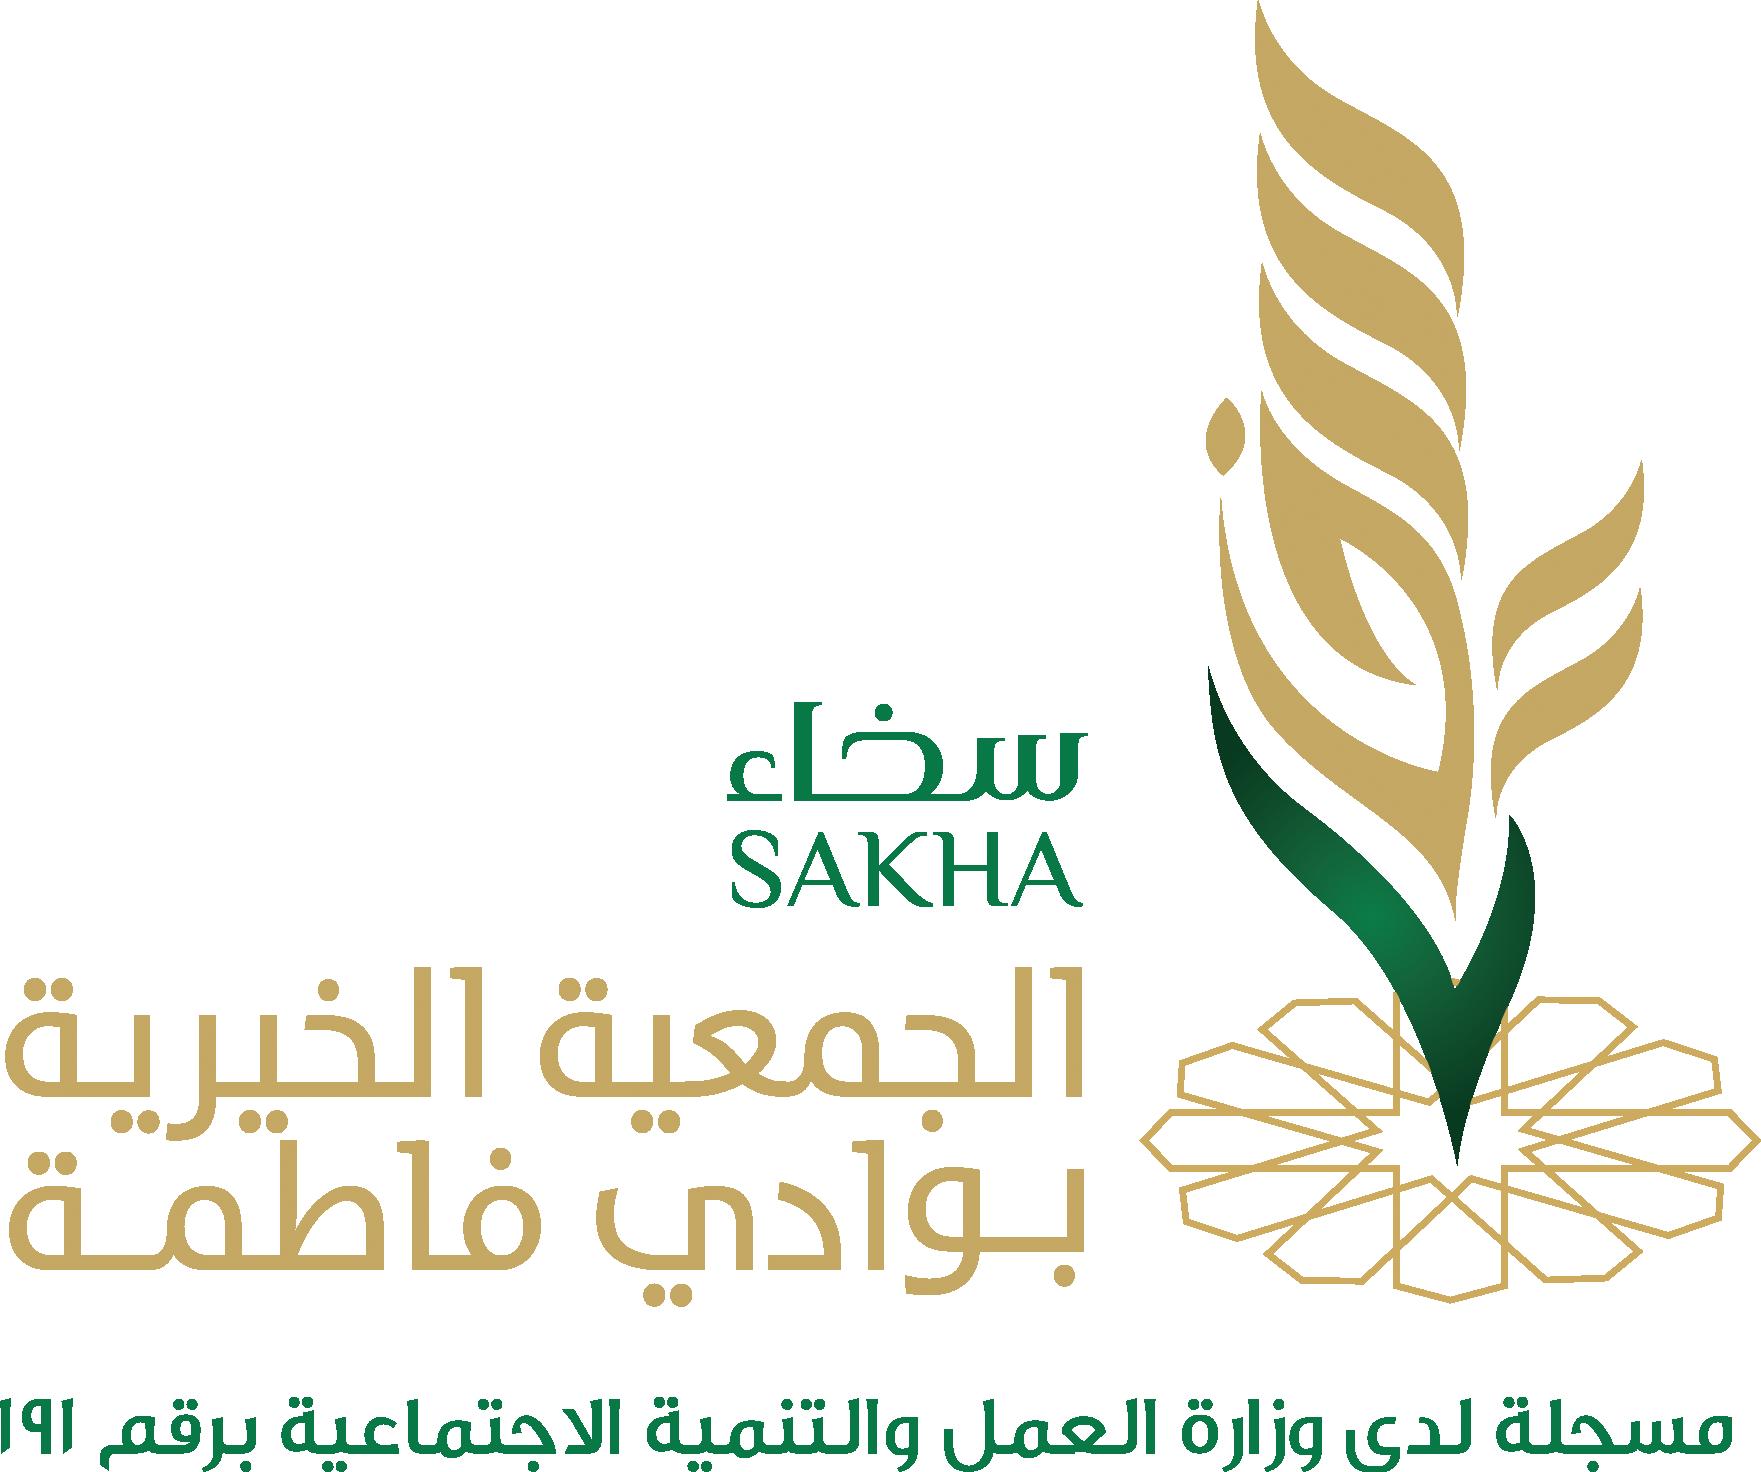 سخاء SAKHA الجمعية الخيرية بوادي فاطمة